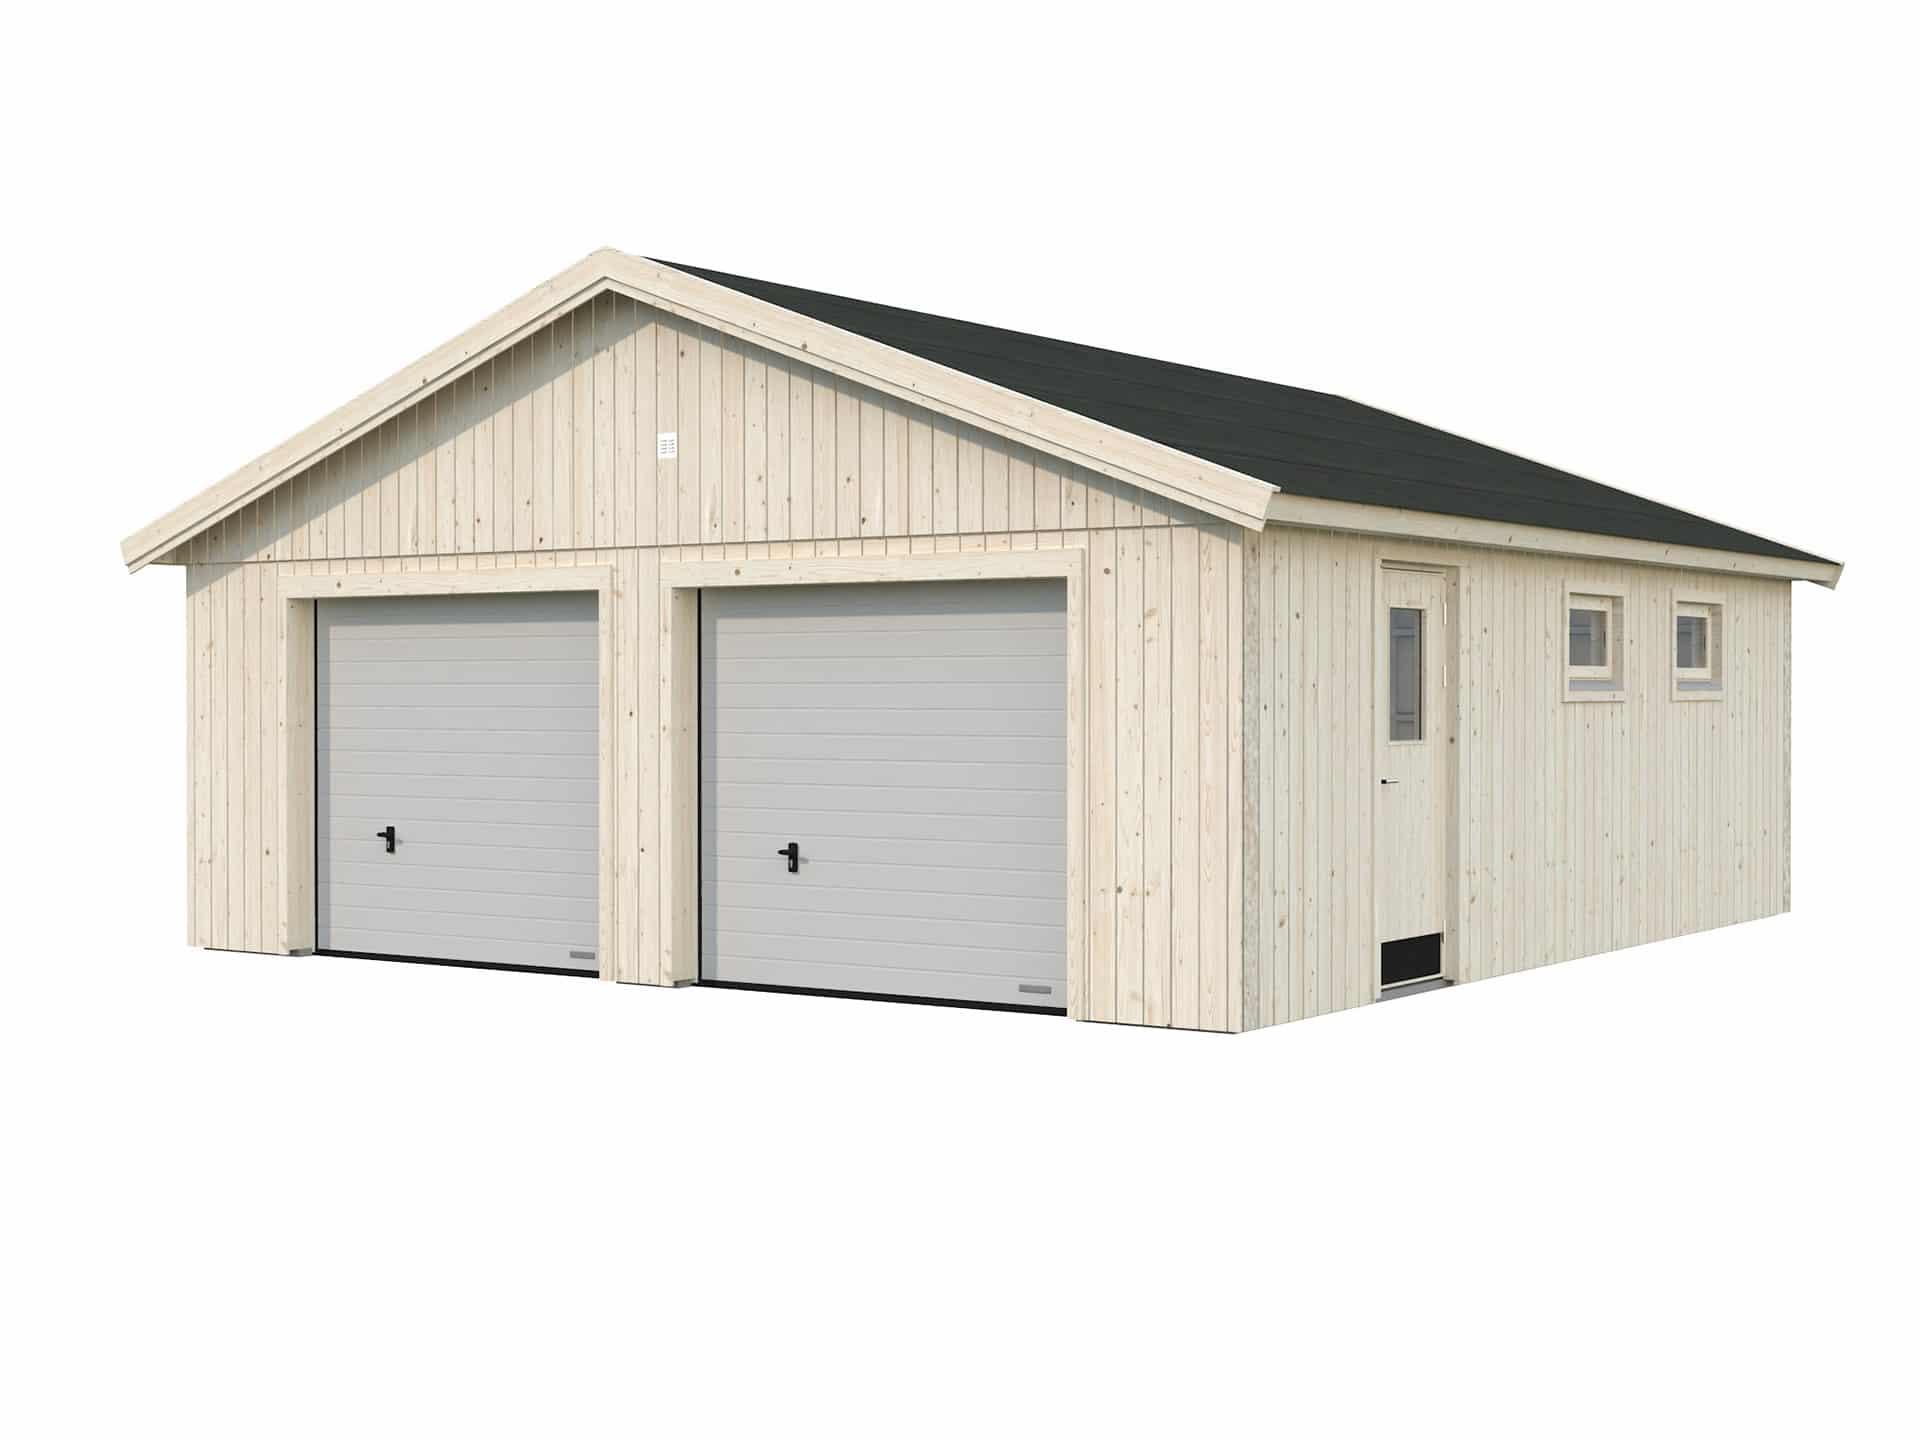 Selv garage priser byg Garageportåbner